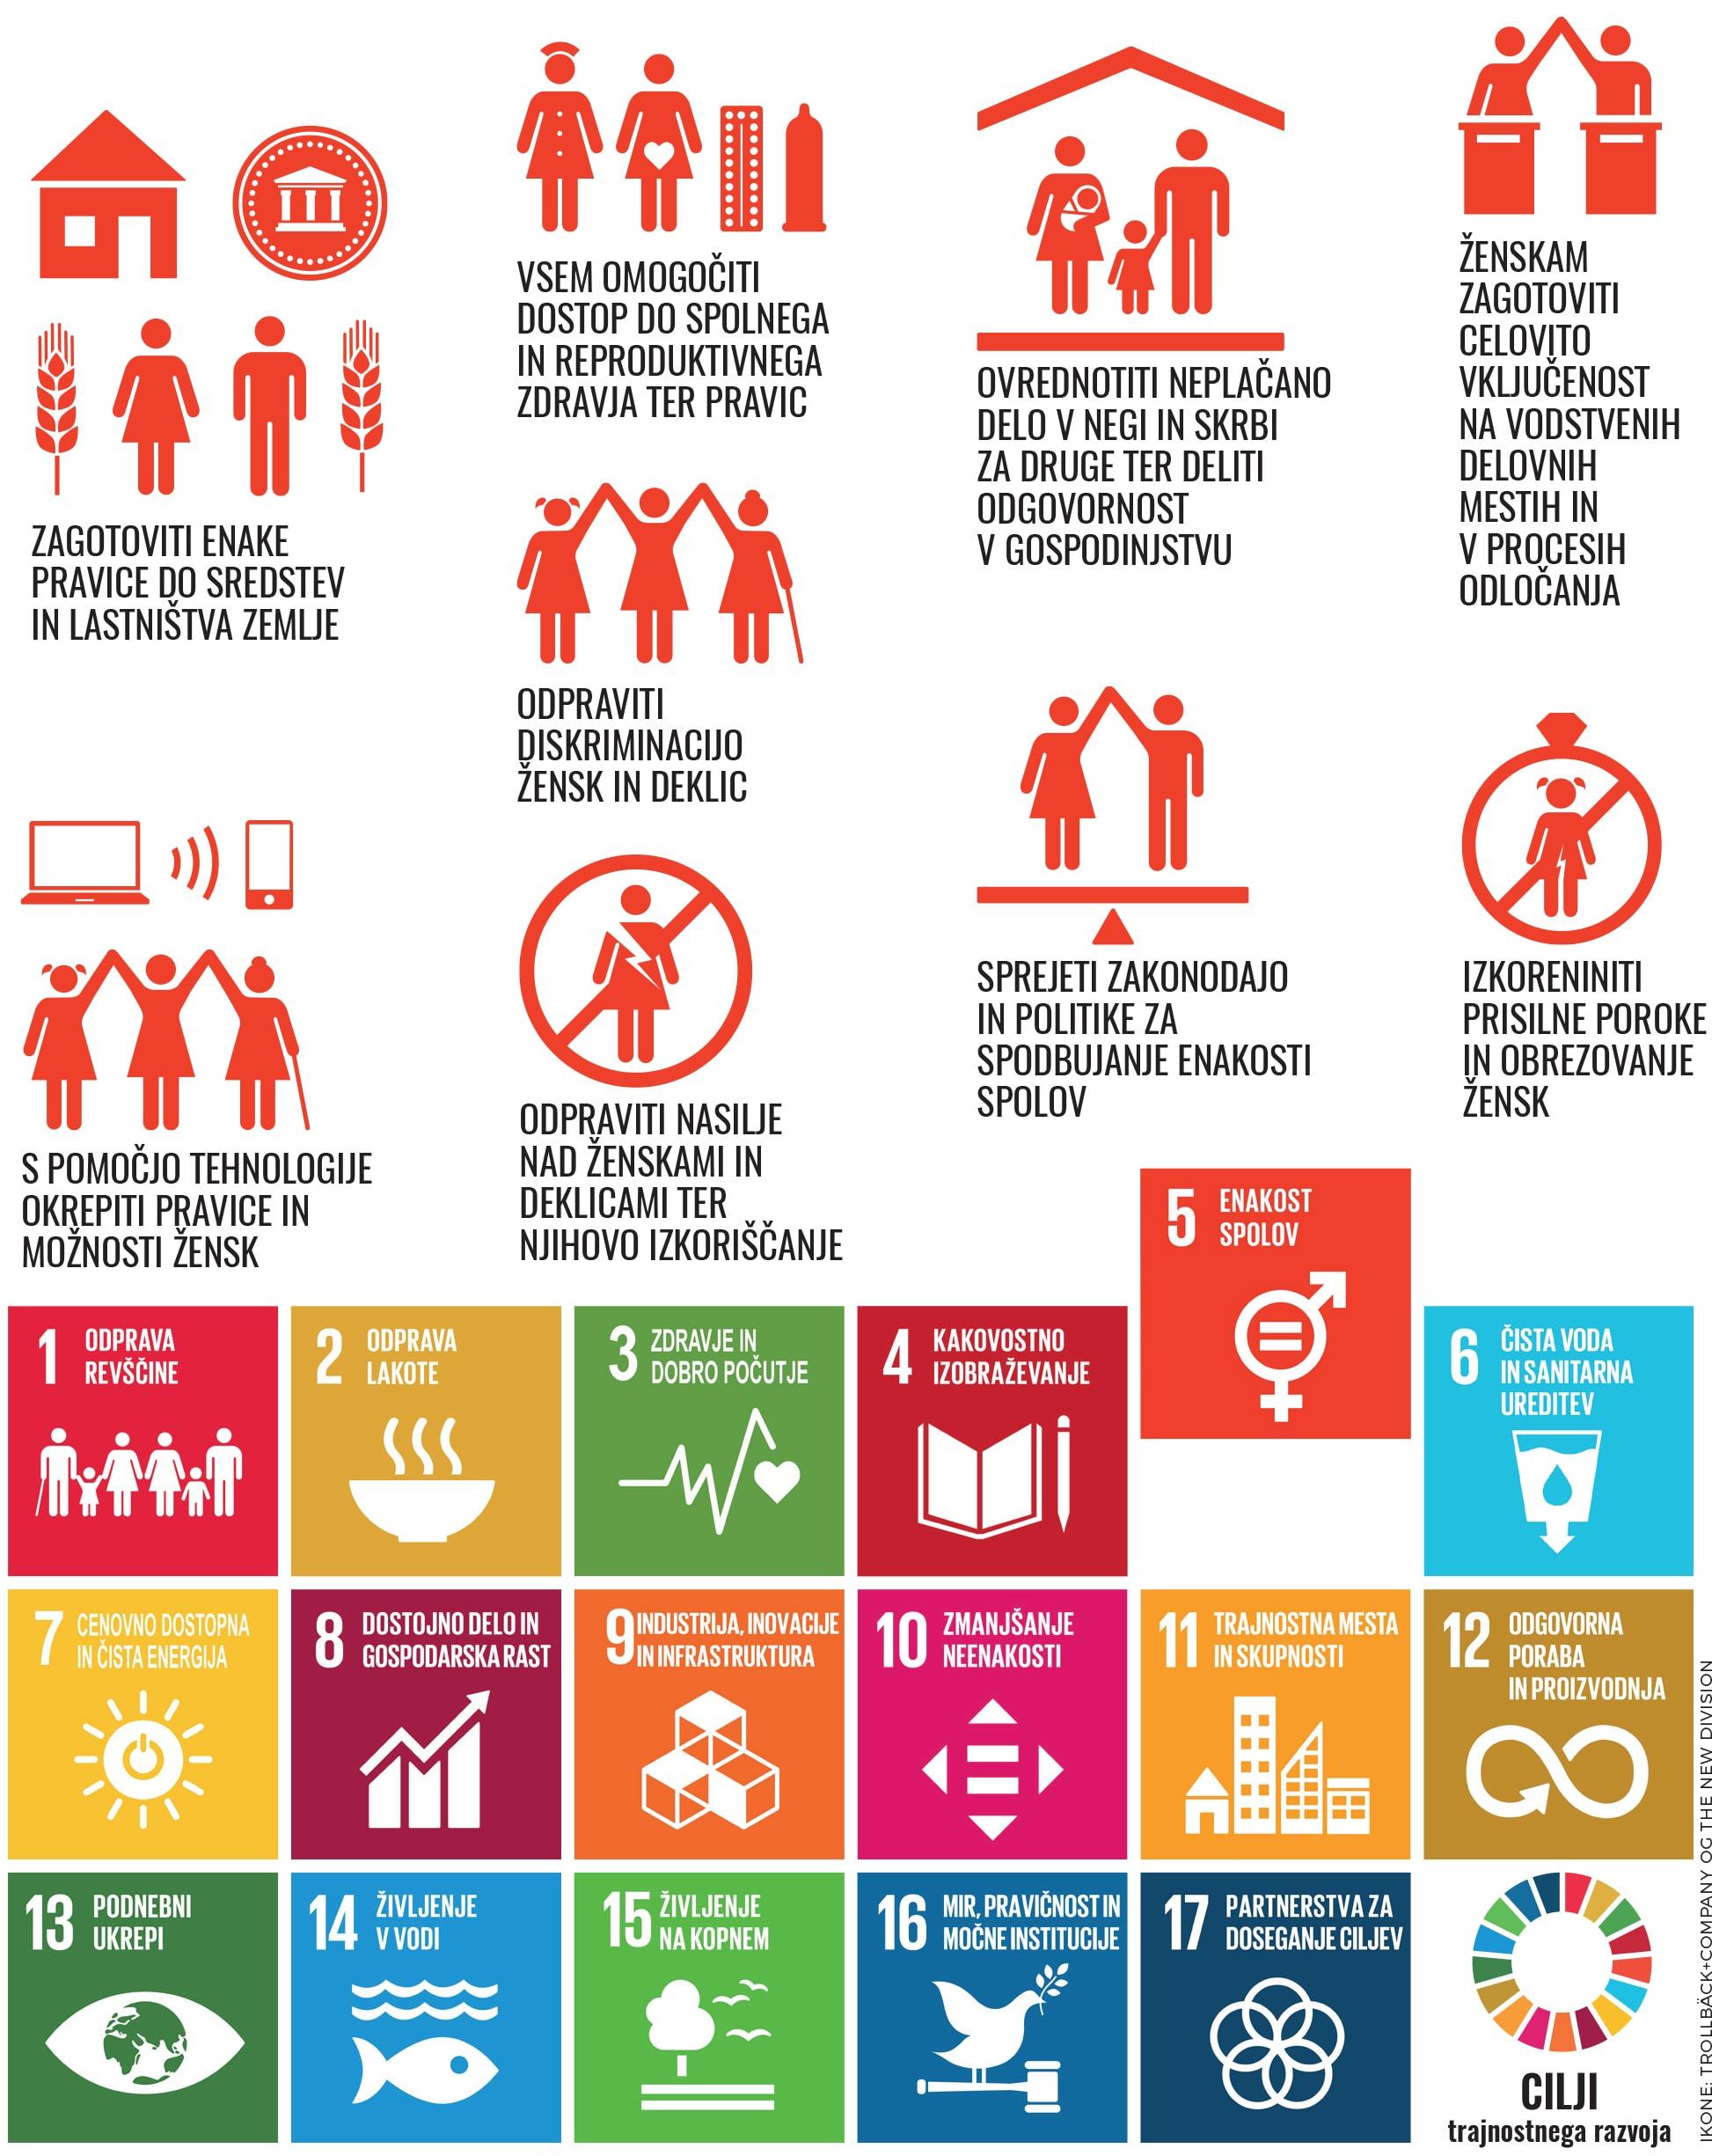 Enakost spolov SDG